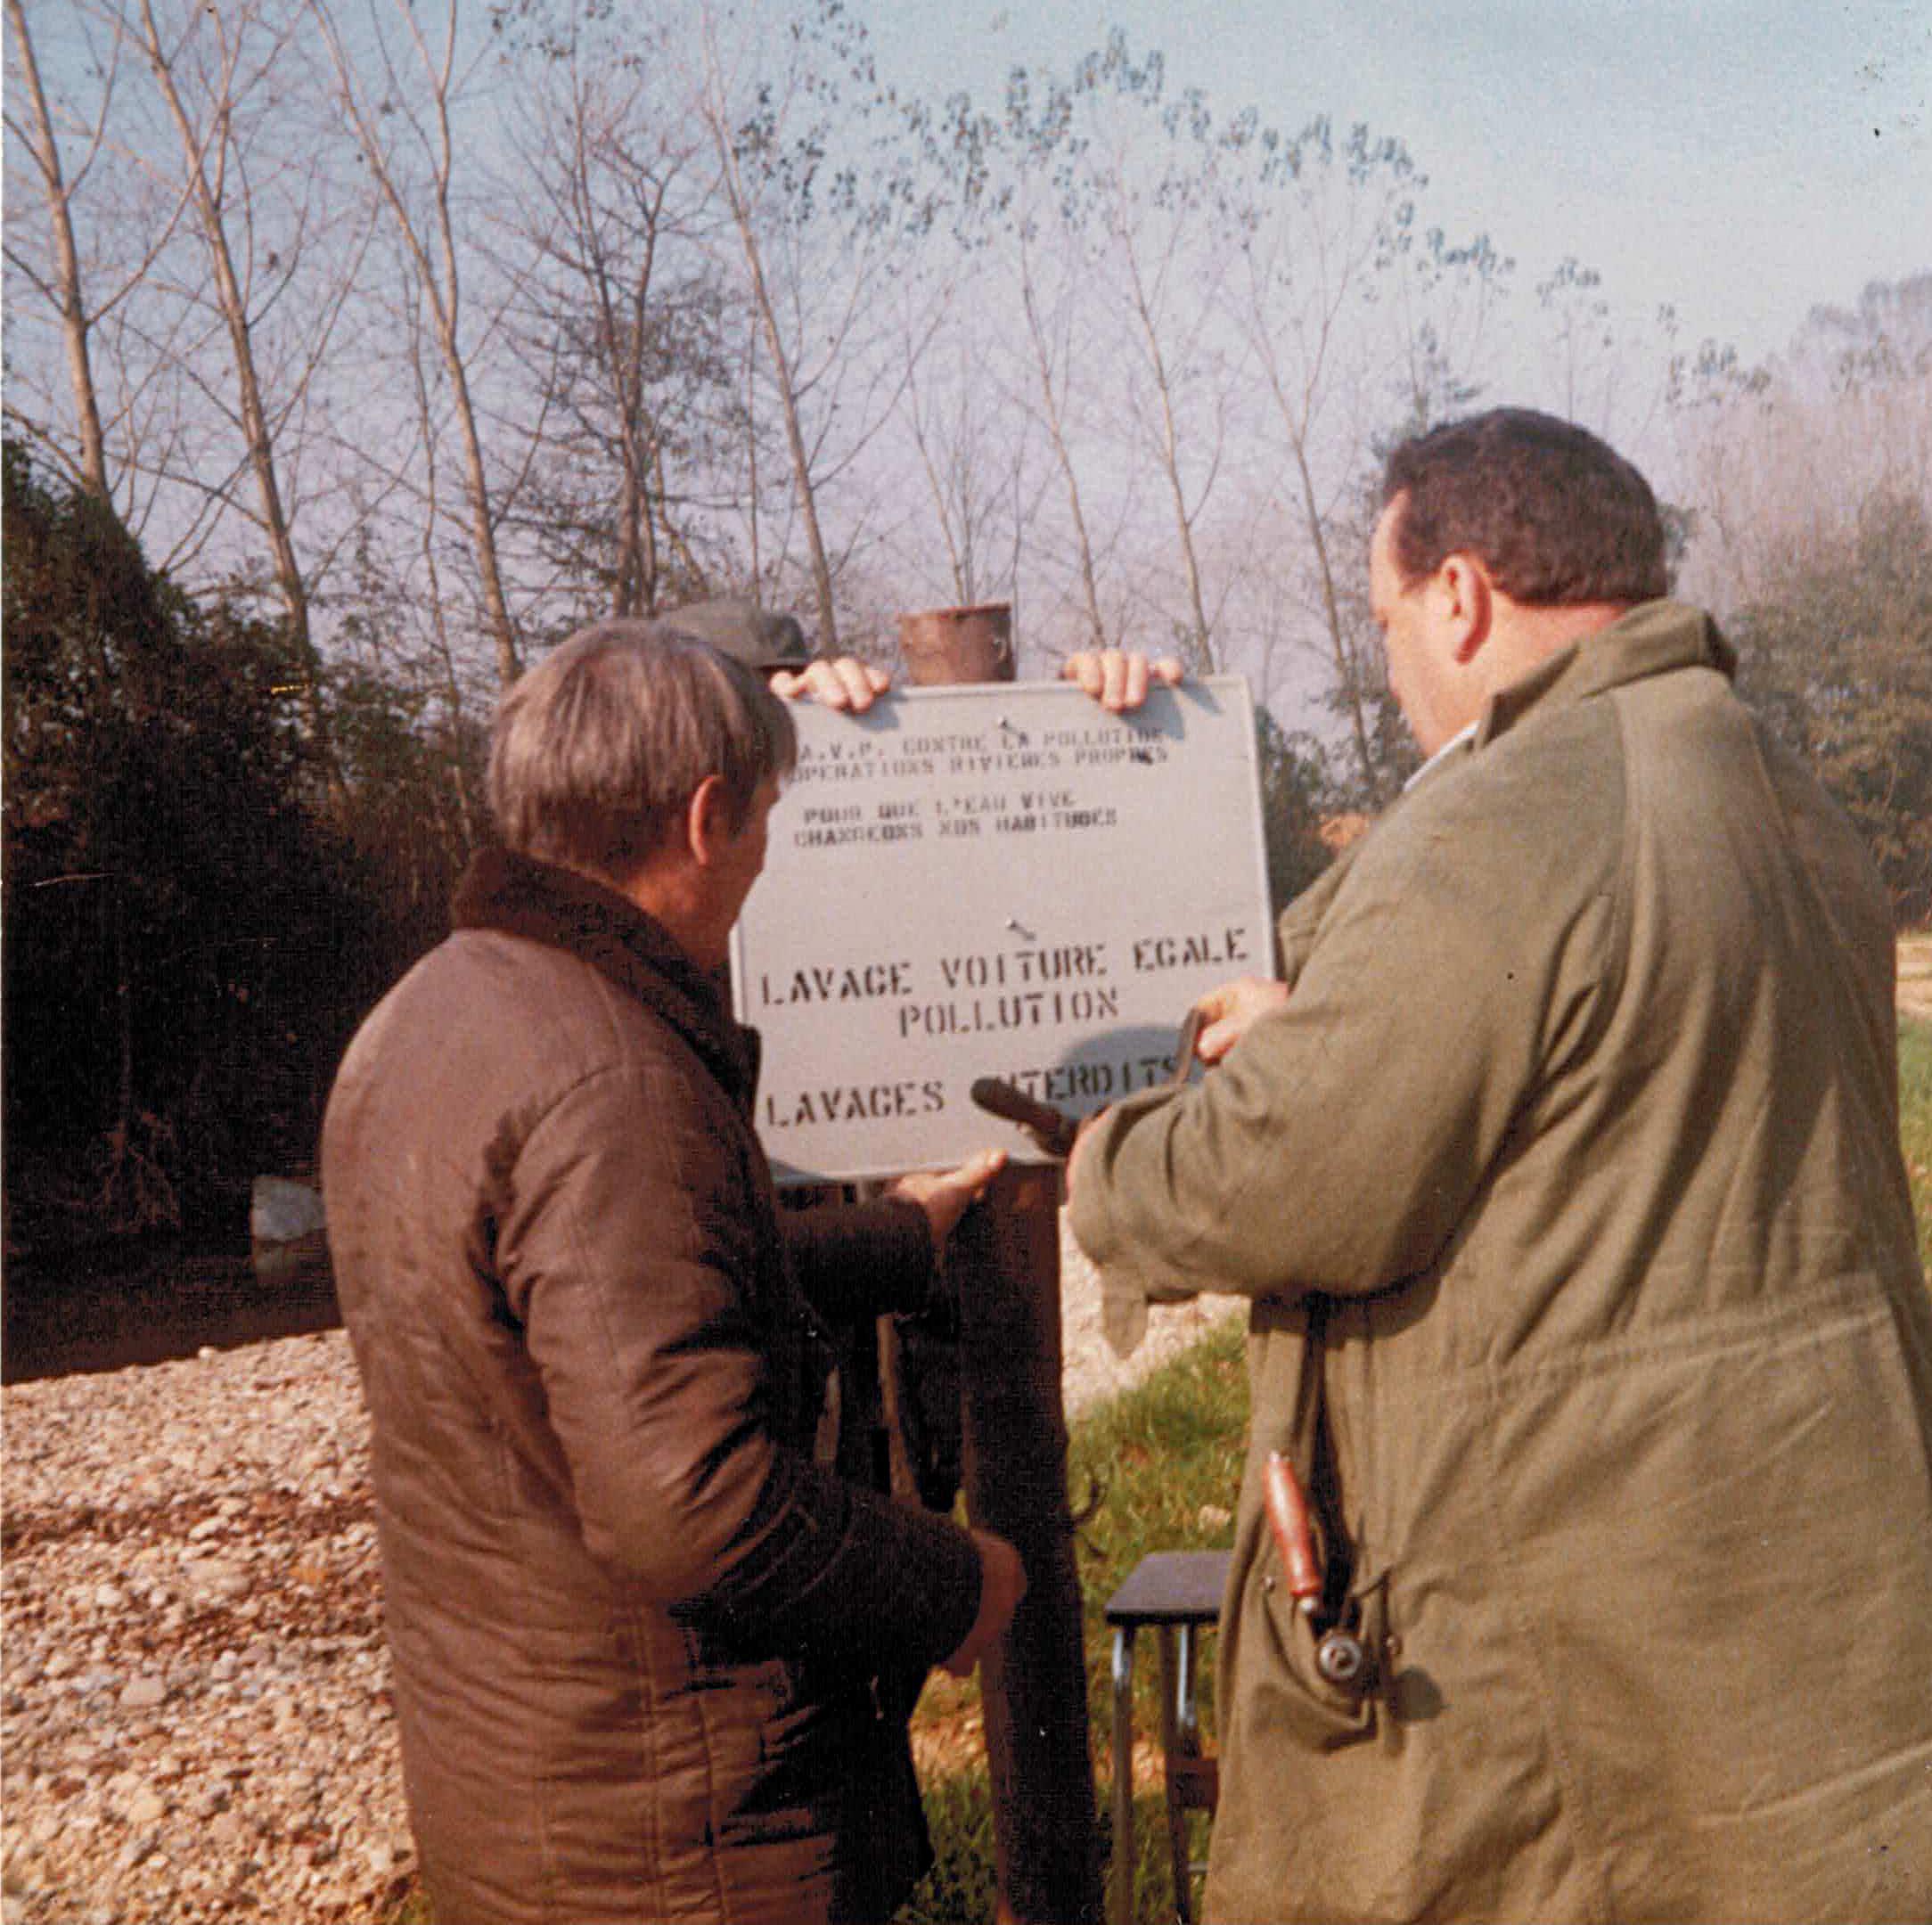 Panneaux contre pollution 1989 (2)